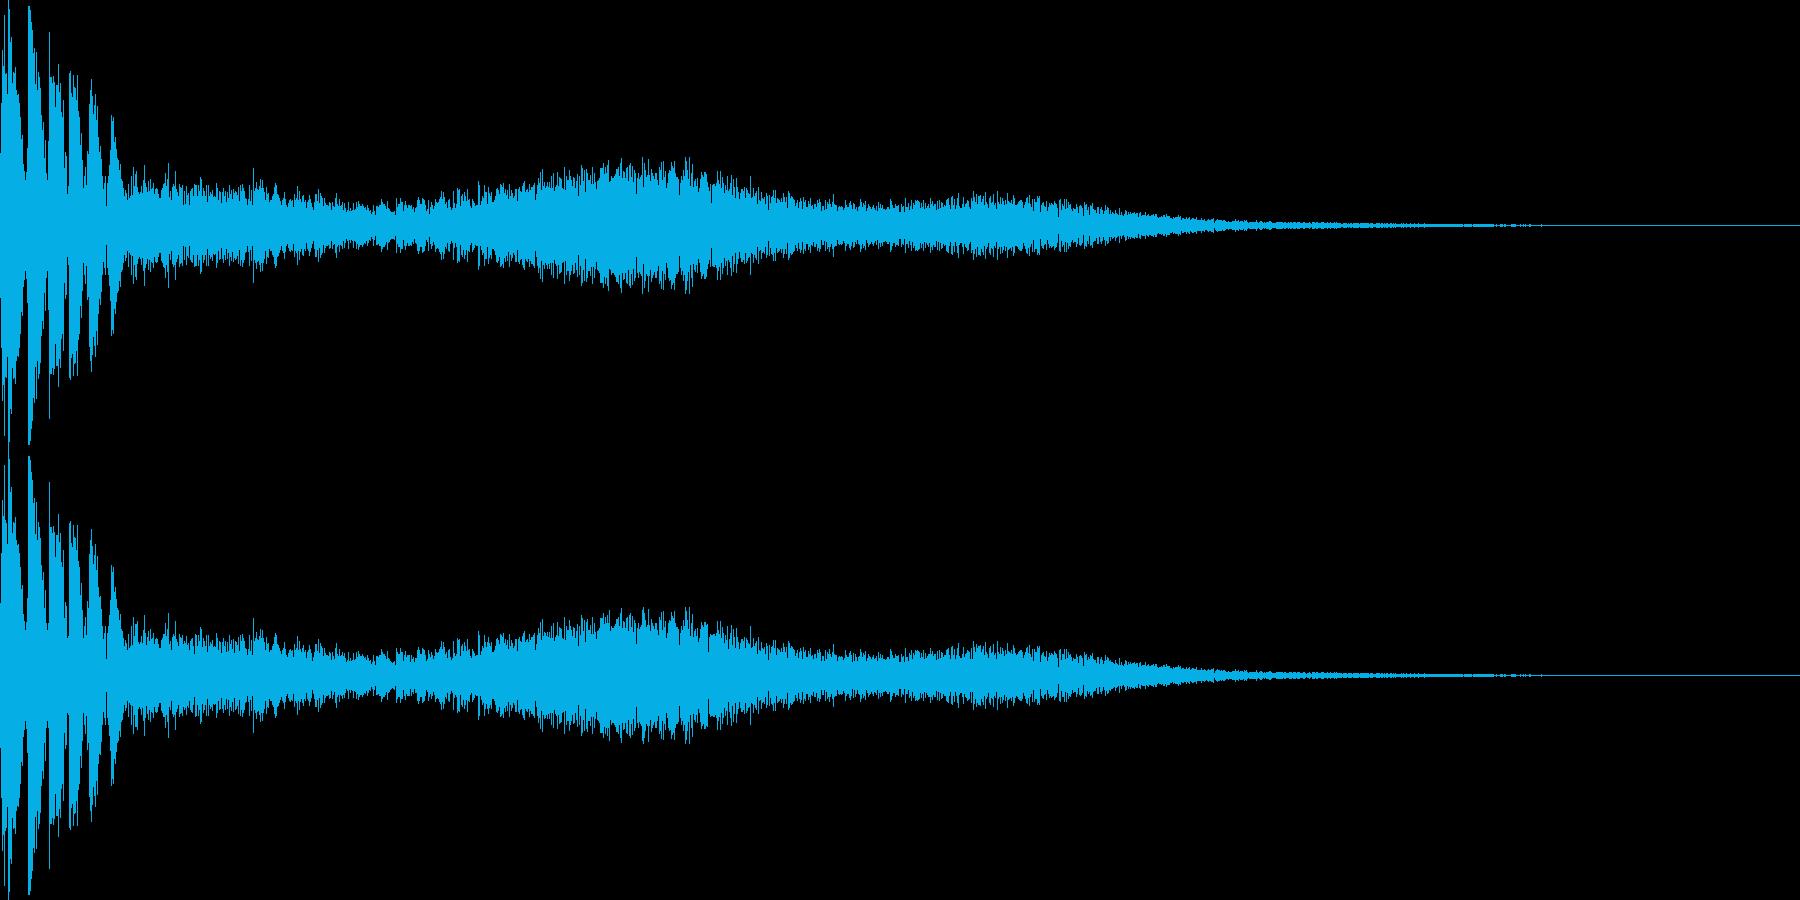 キャンセル音(バシュー)の再生済みの波形